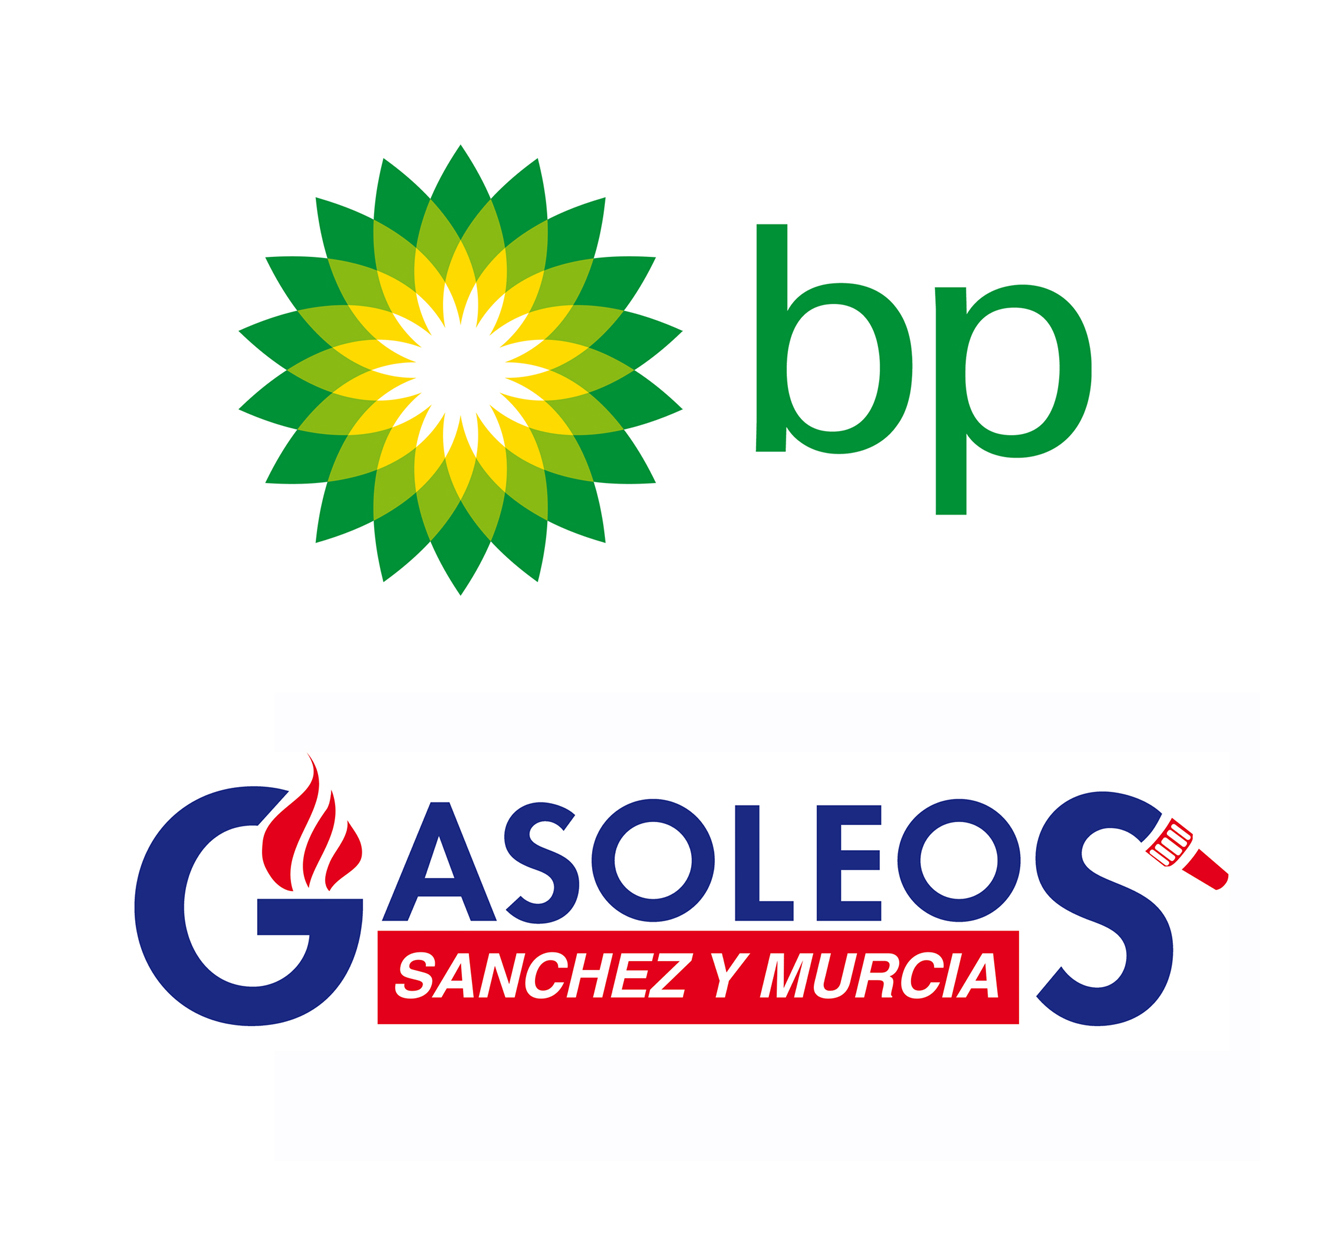 Gasóleos Sánchez y Murcia BP